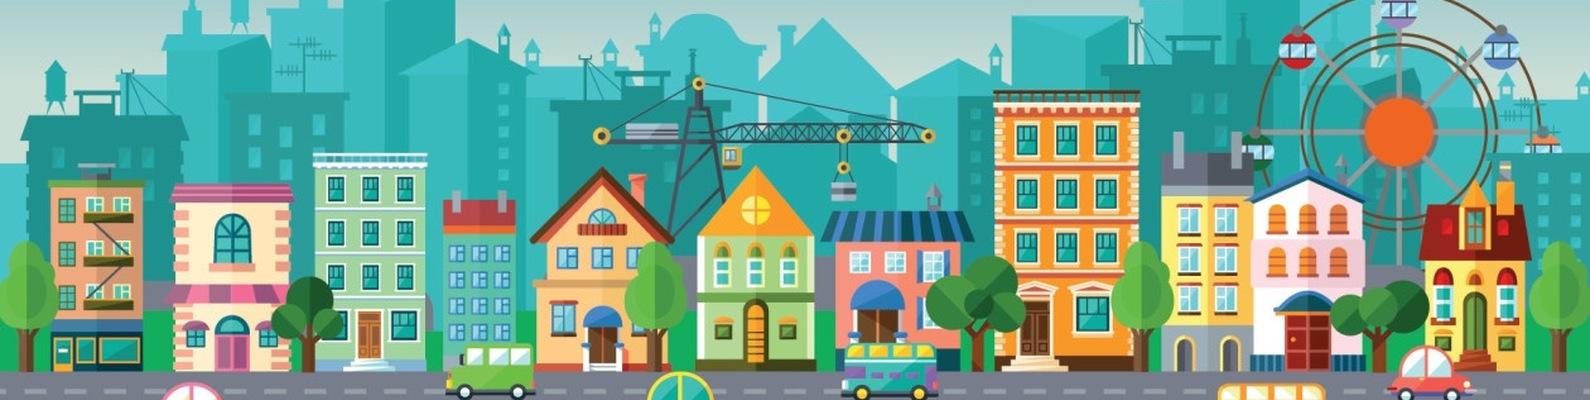 Картинки для детей улица города с домами